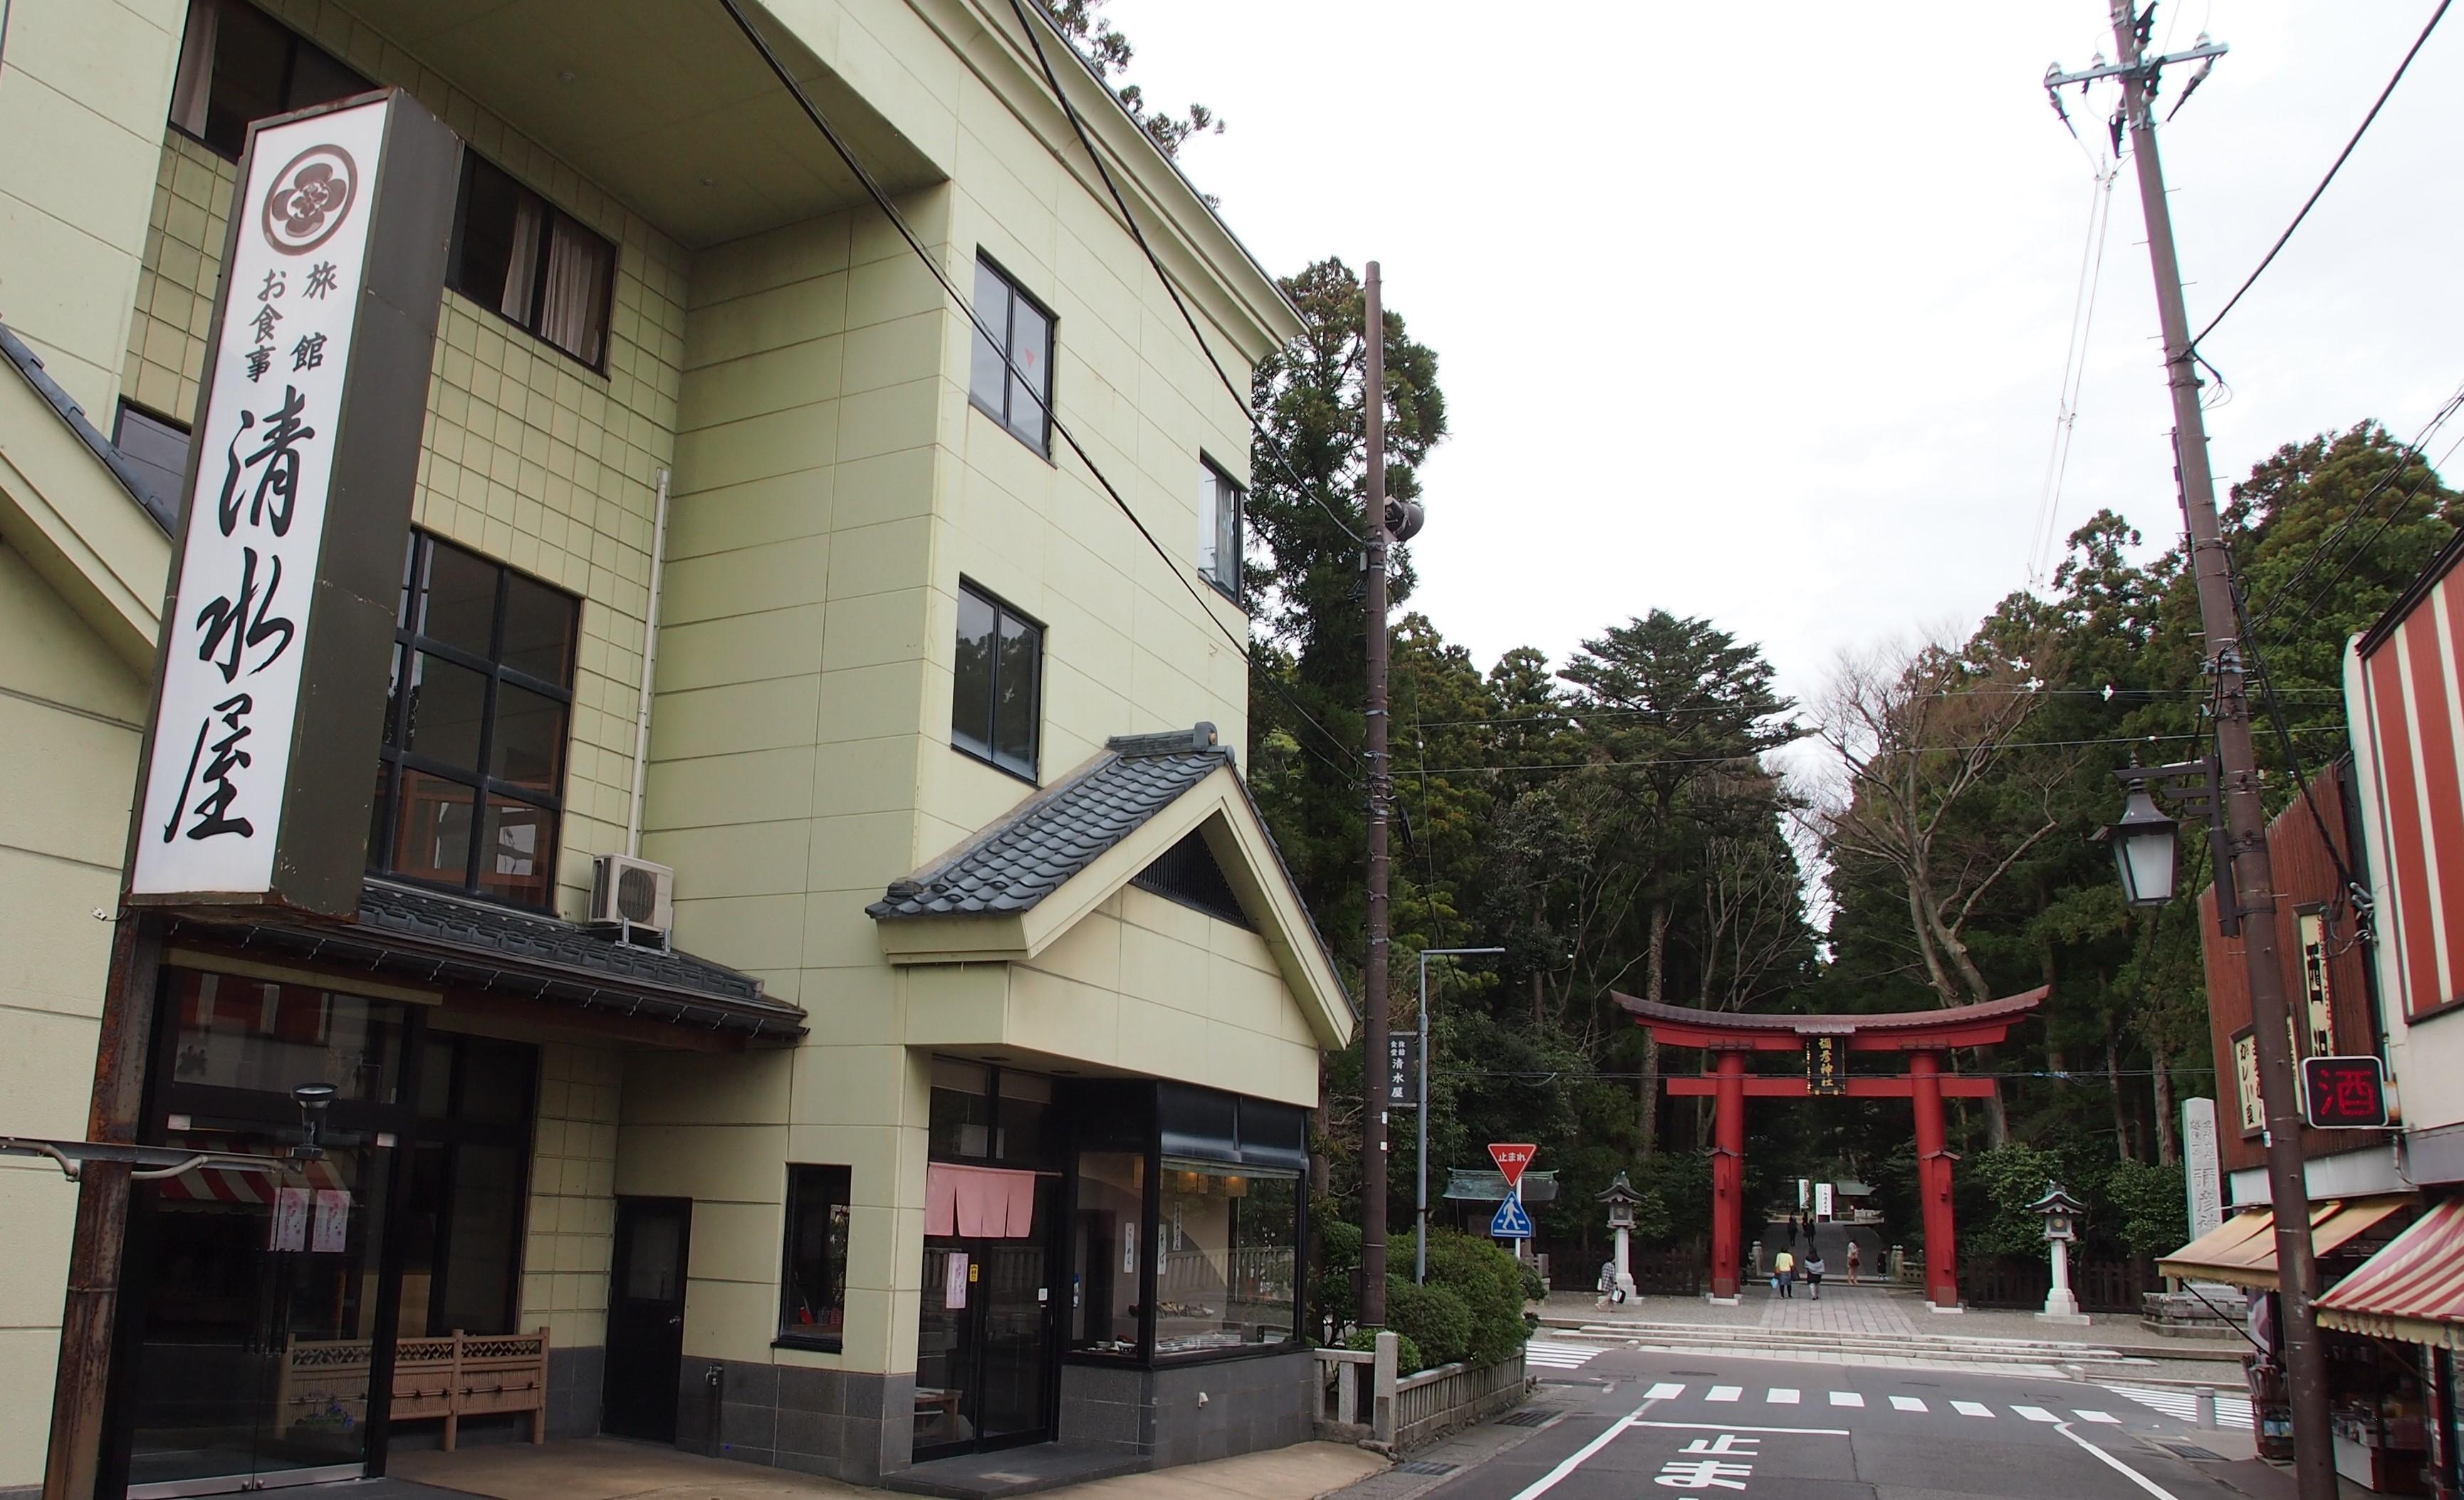 弥彦温泉 旅館 清水屋<新潟県西蒲原郡>